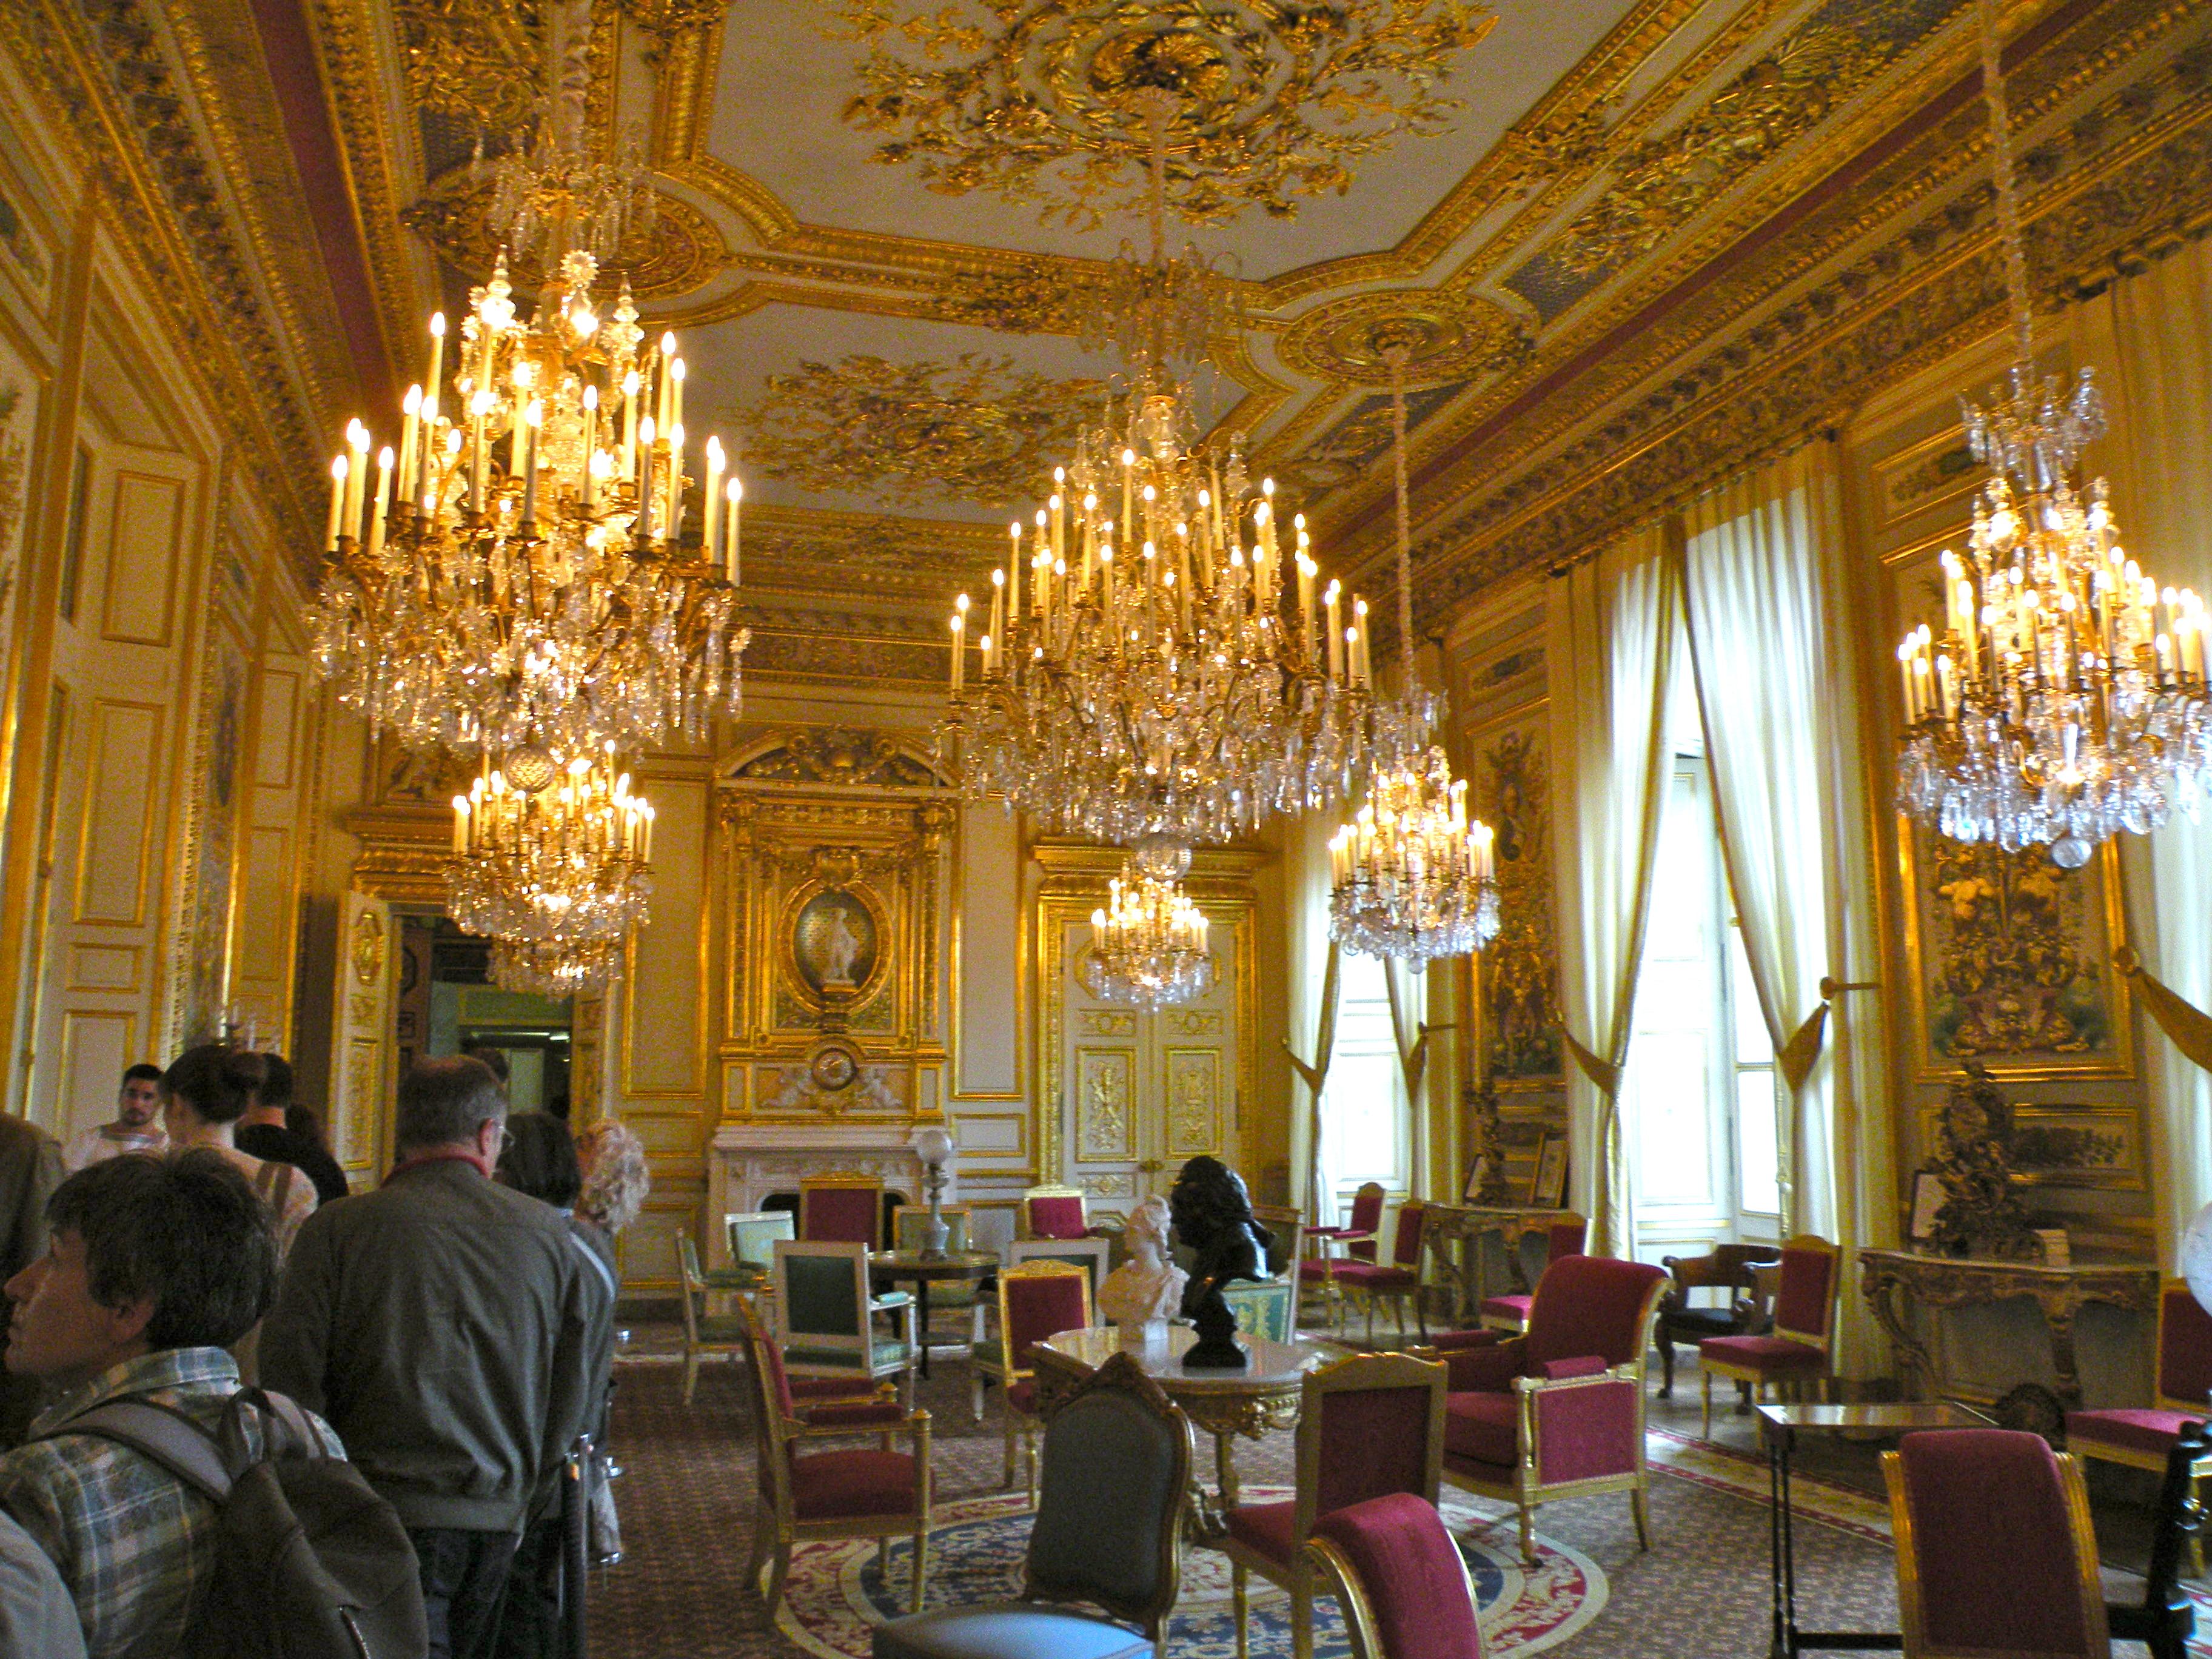 Salle A Manger Paris file:hôtel de la marine (paris) salle a manger d'honneur 7